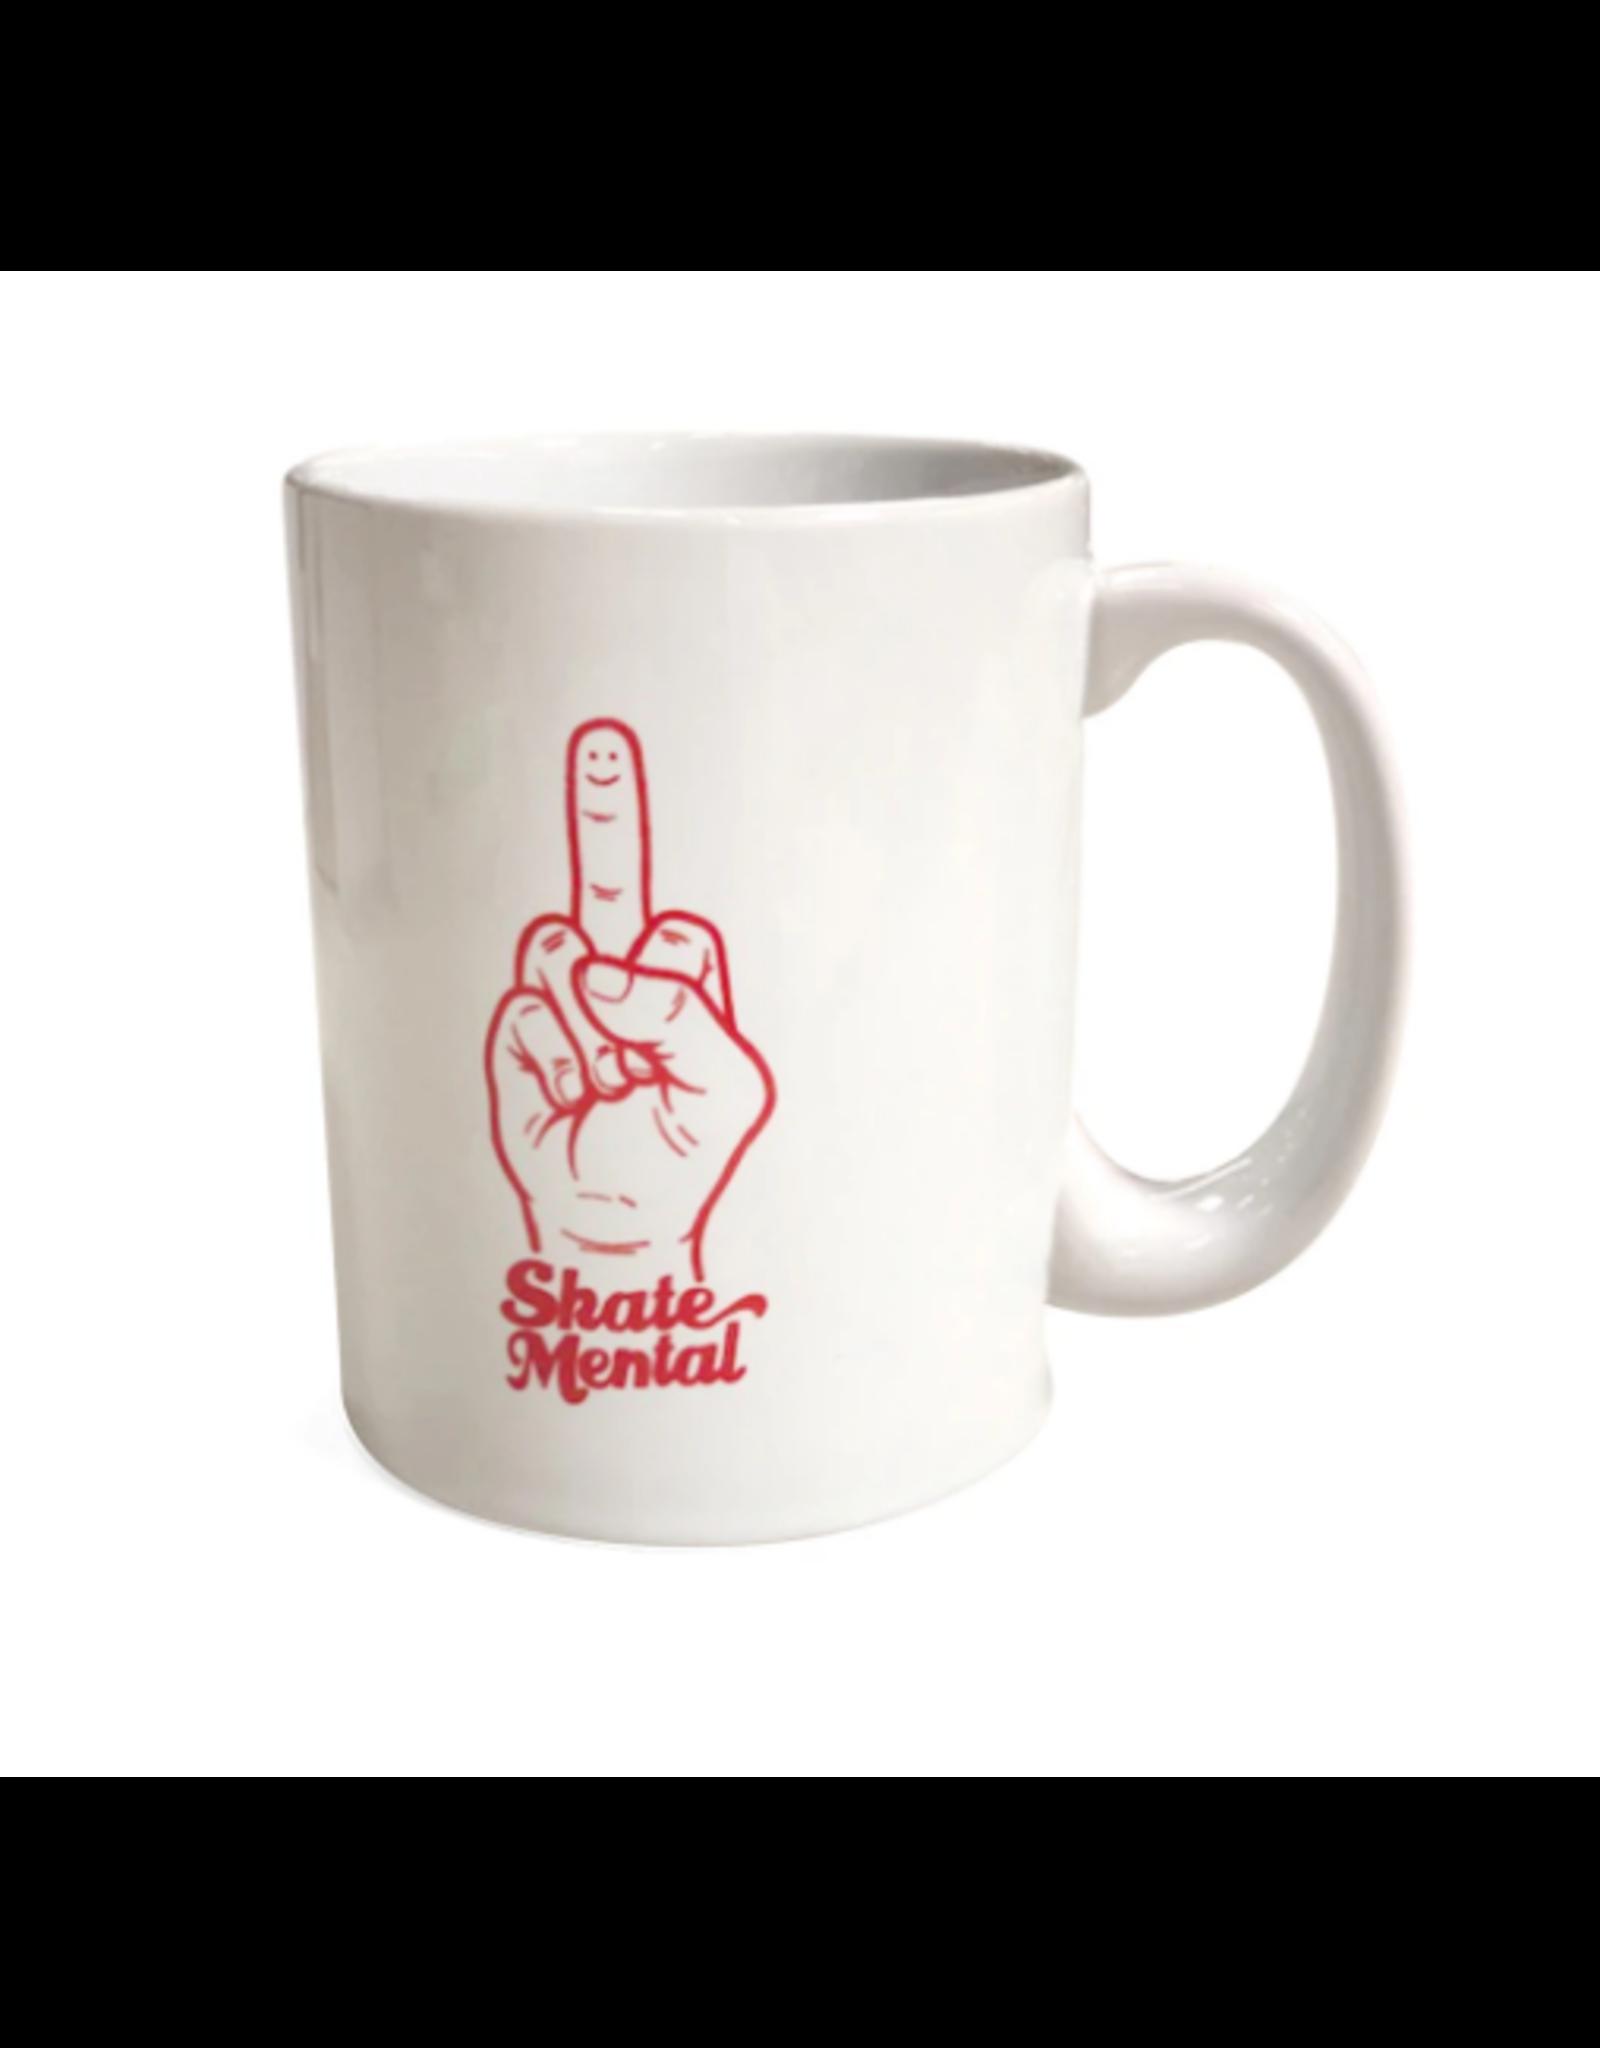 Skate Mental Smiley Finger Coffee Mug - White